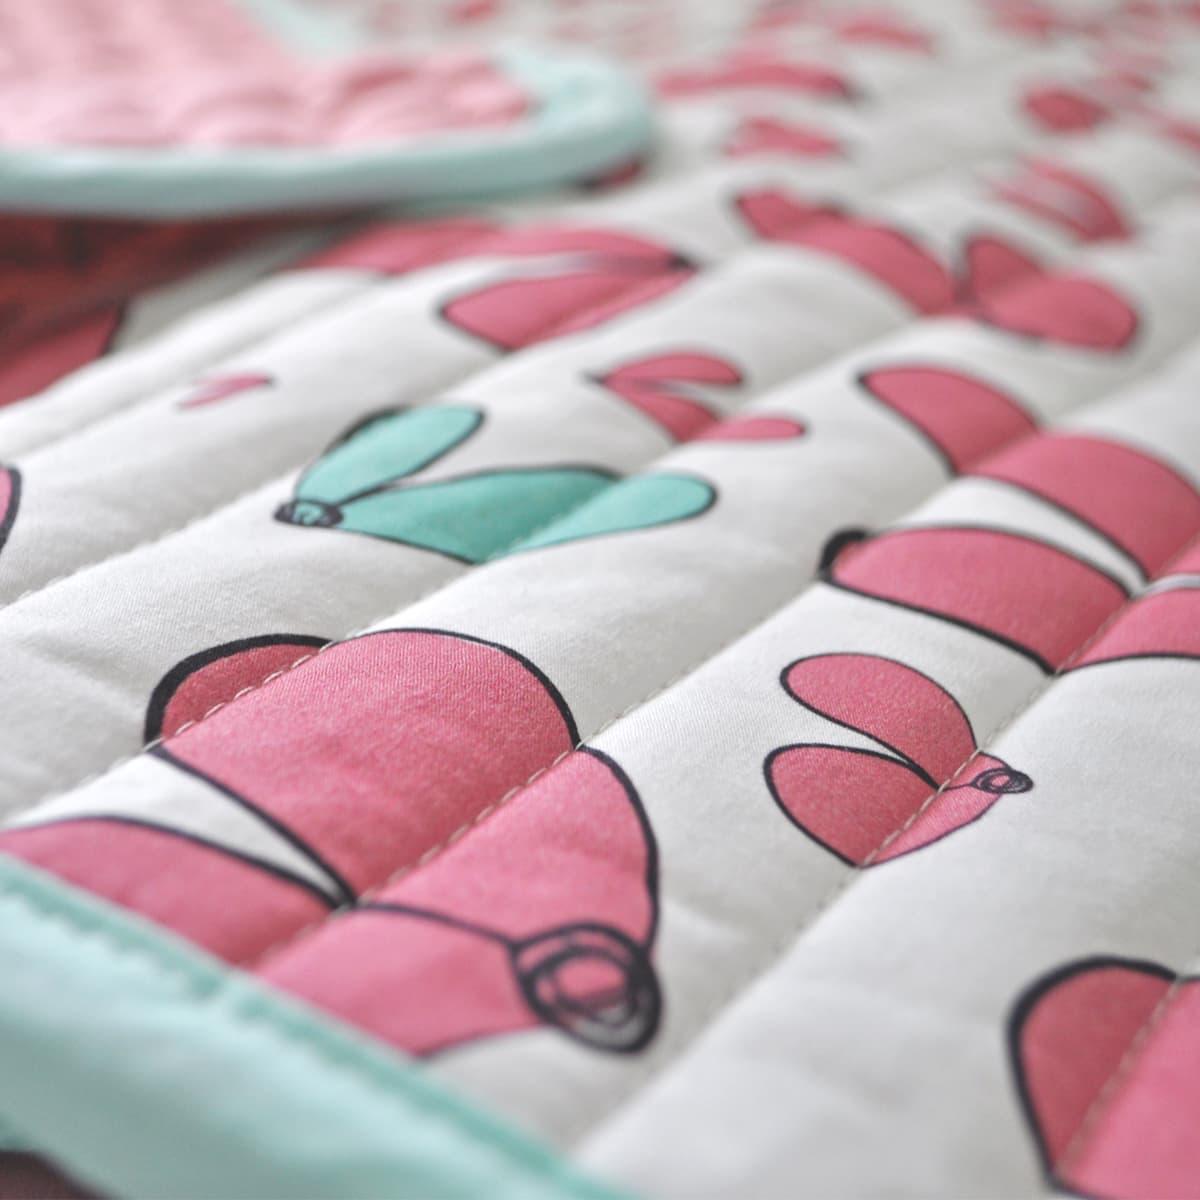 שמיכה לתינוק דגם ילדת לבבות